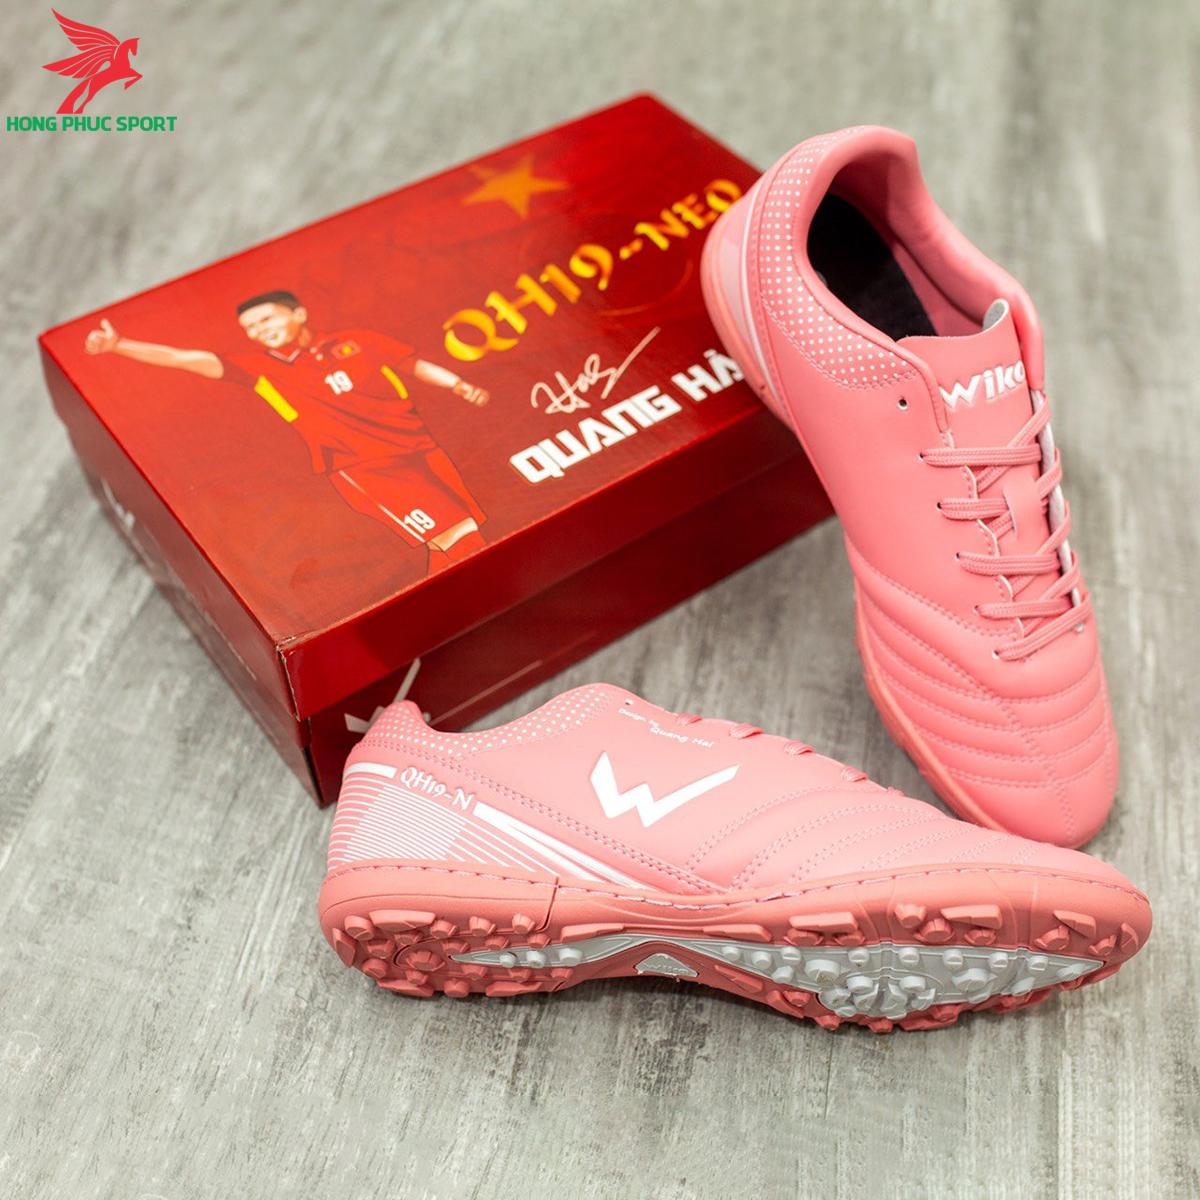 Giày đá banh Wika QH19 Neo sân cỏ nhân tạo màu Hồng (3)